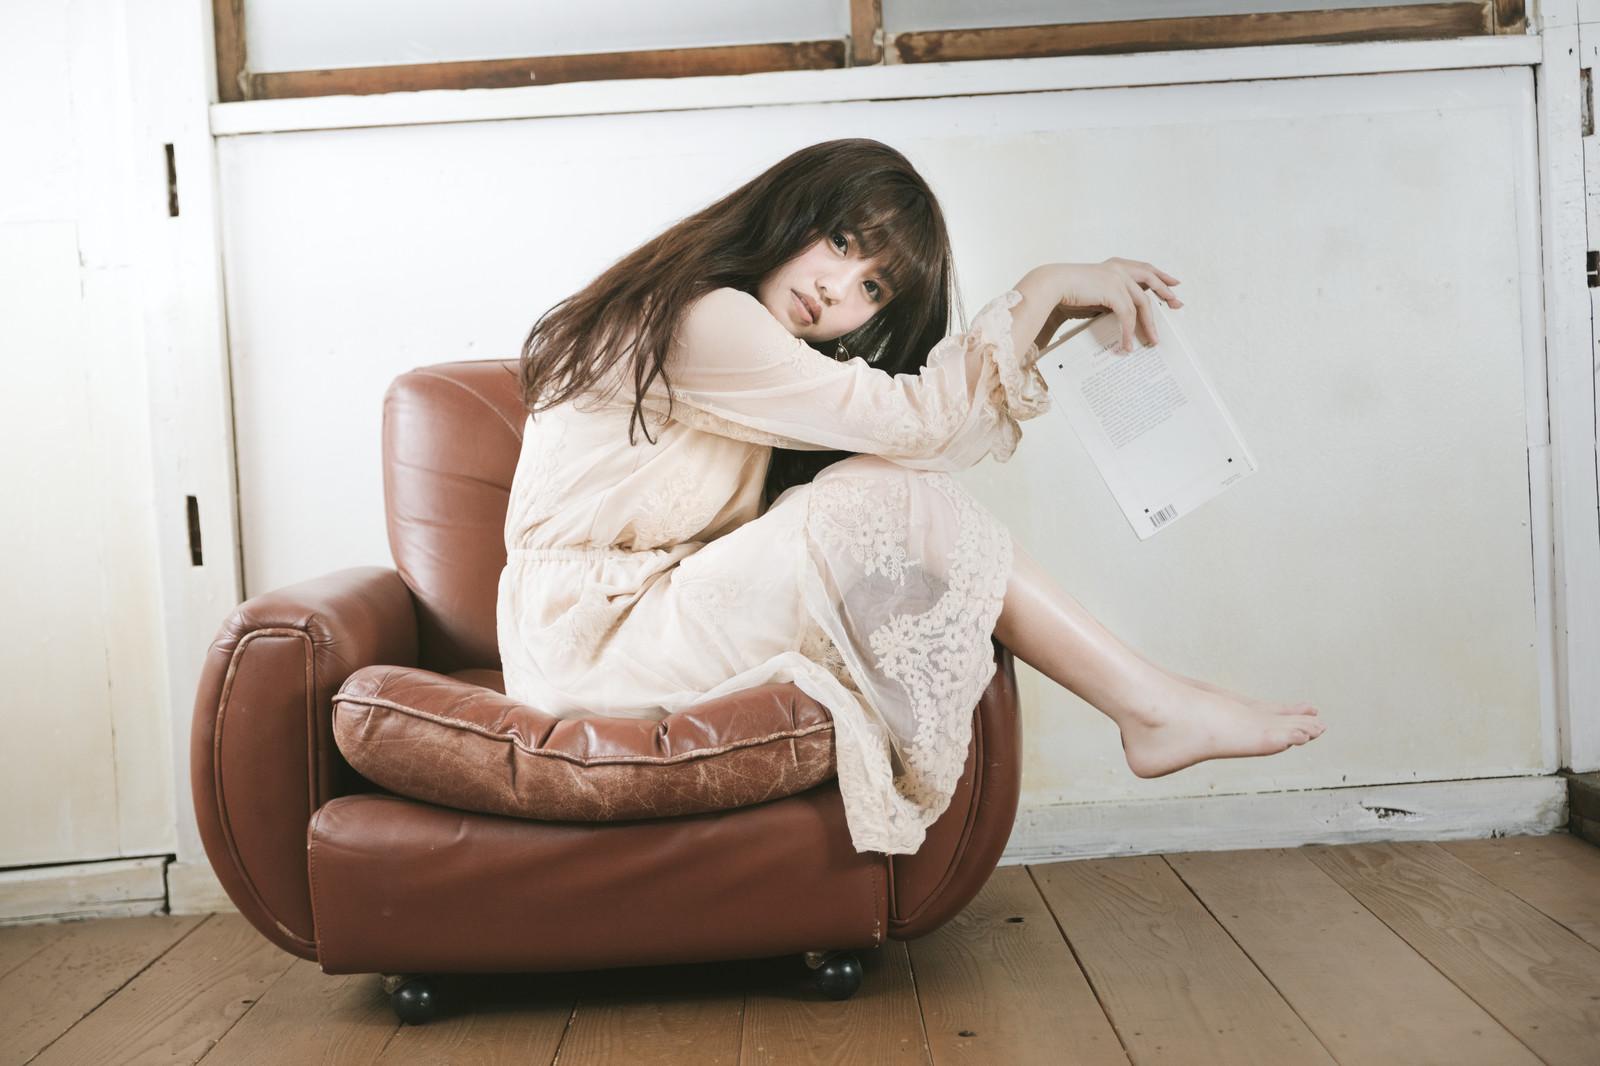 ソファに座る女の子